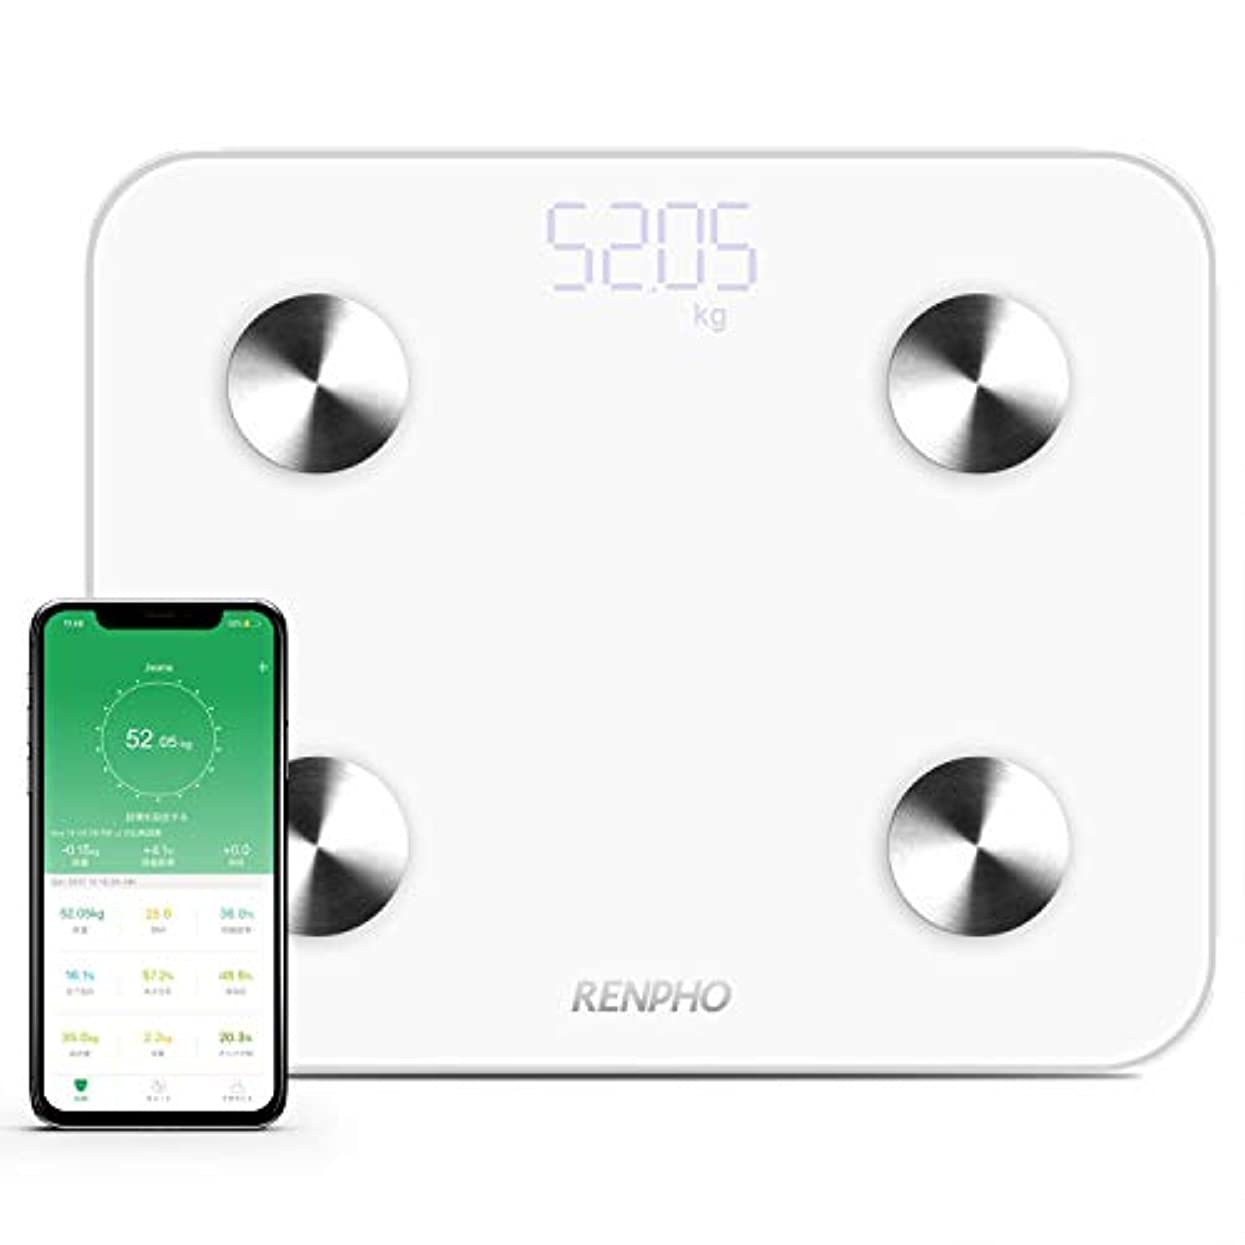 背の高い確認言い聞かせるRENPHO 体重?体組成計 USB充電 体重計 スマホ連動 体脂肪計 体重/体脂肪率/皮下脂肪/内臓脂肪/筋肉量/骨量/体水分率/基礎代謝量/BMIなど測定可能 Bluetooth 体組成計 iOS/Androidアプリで健康管理 ヘルスケア同期 スマートスケール (日本語対応APP&取扱説明書)